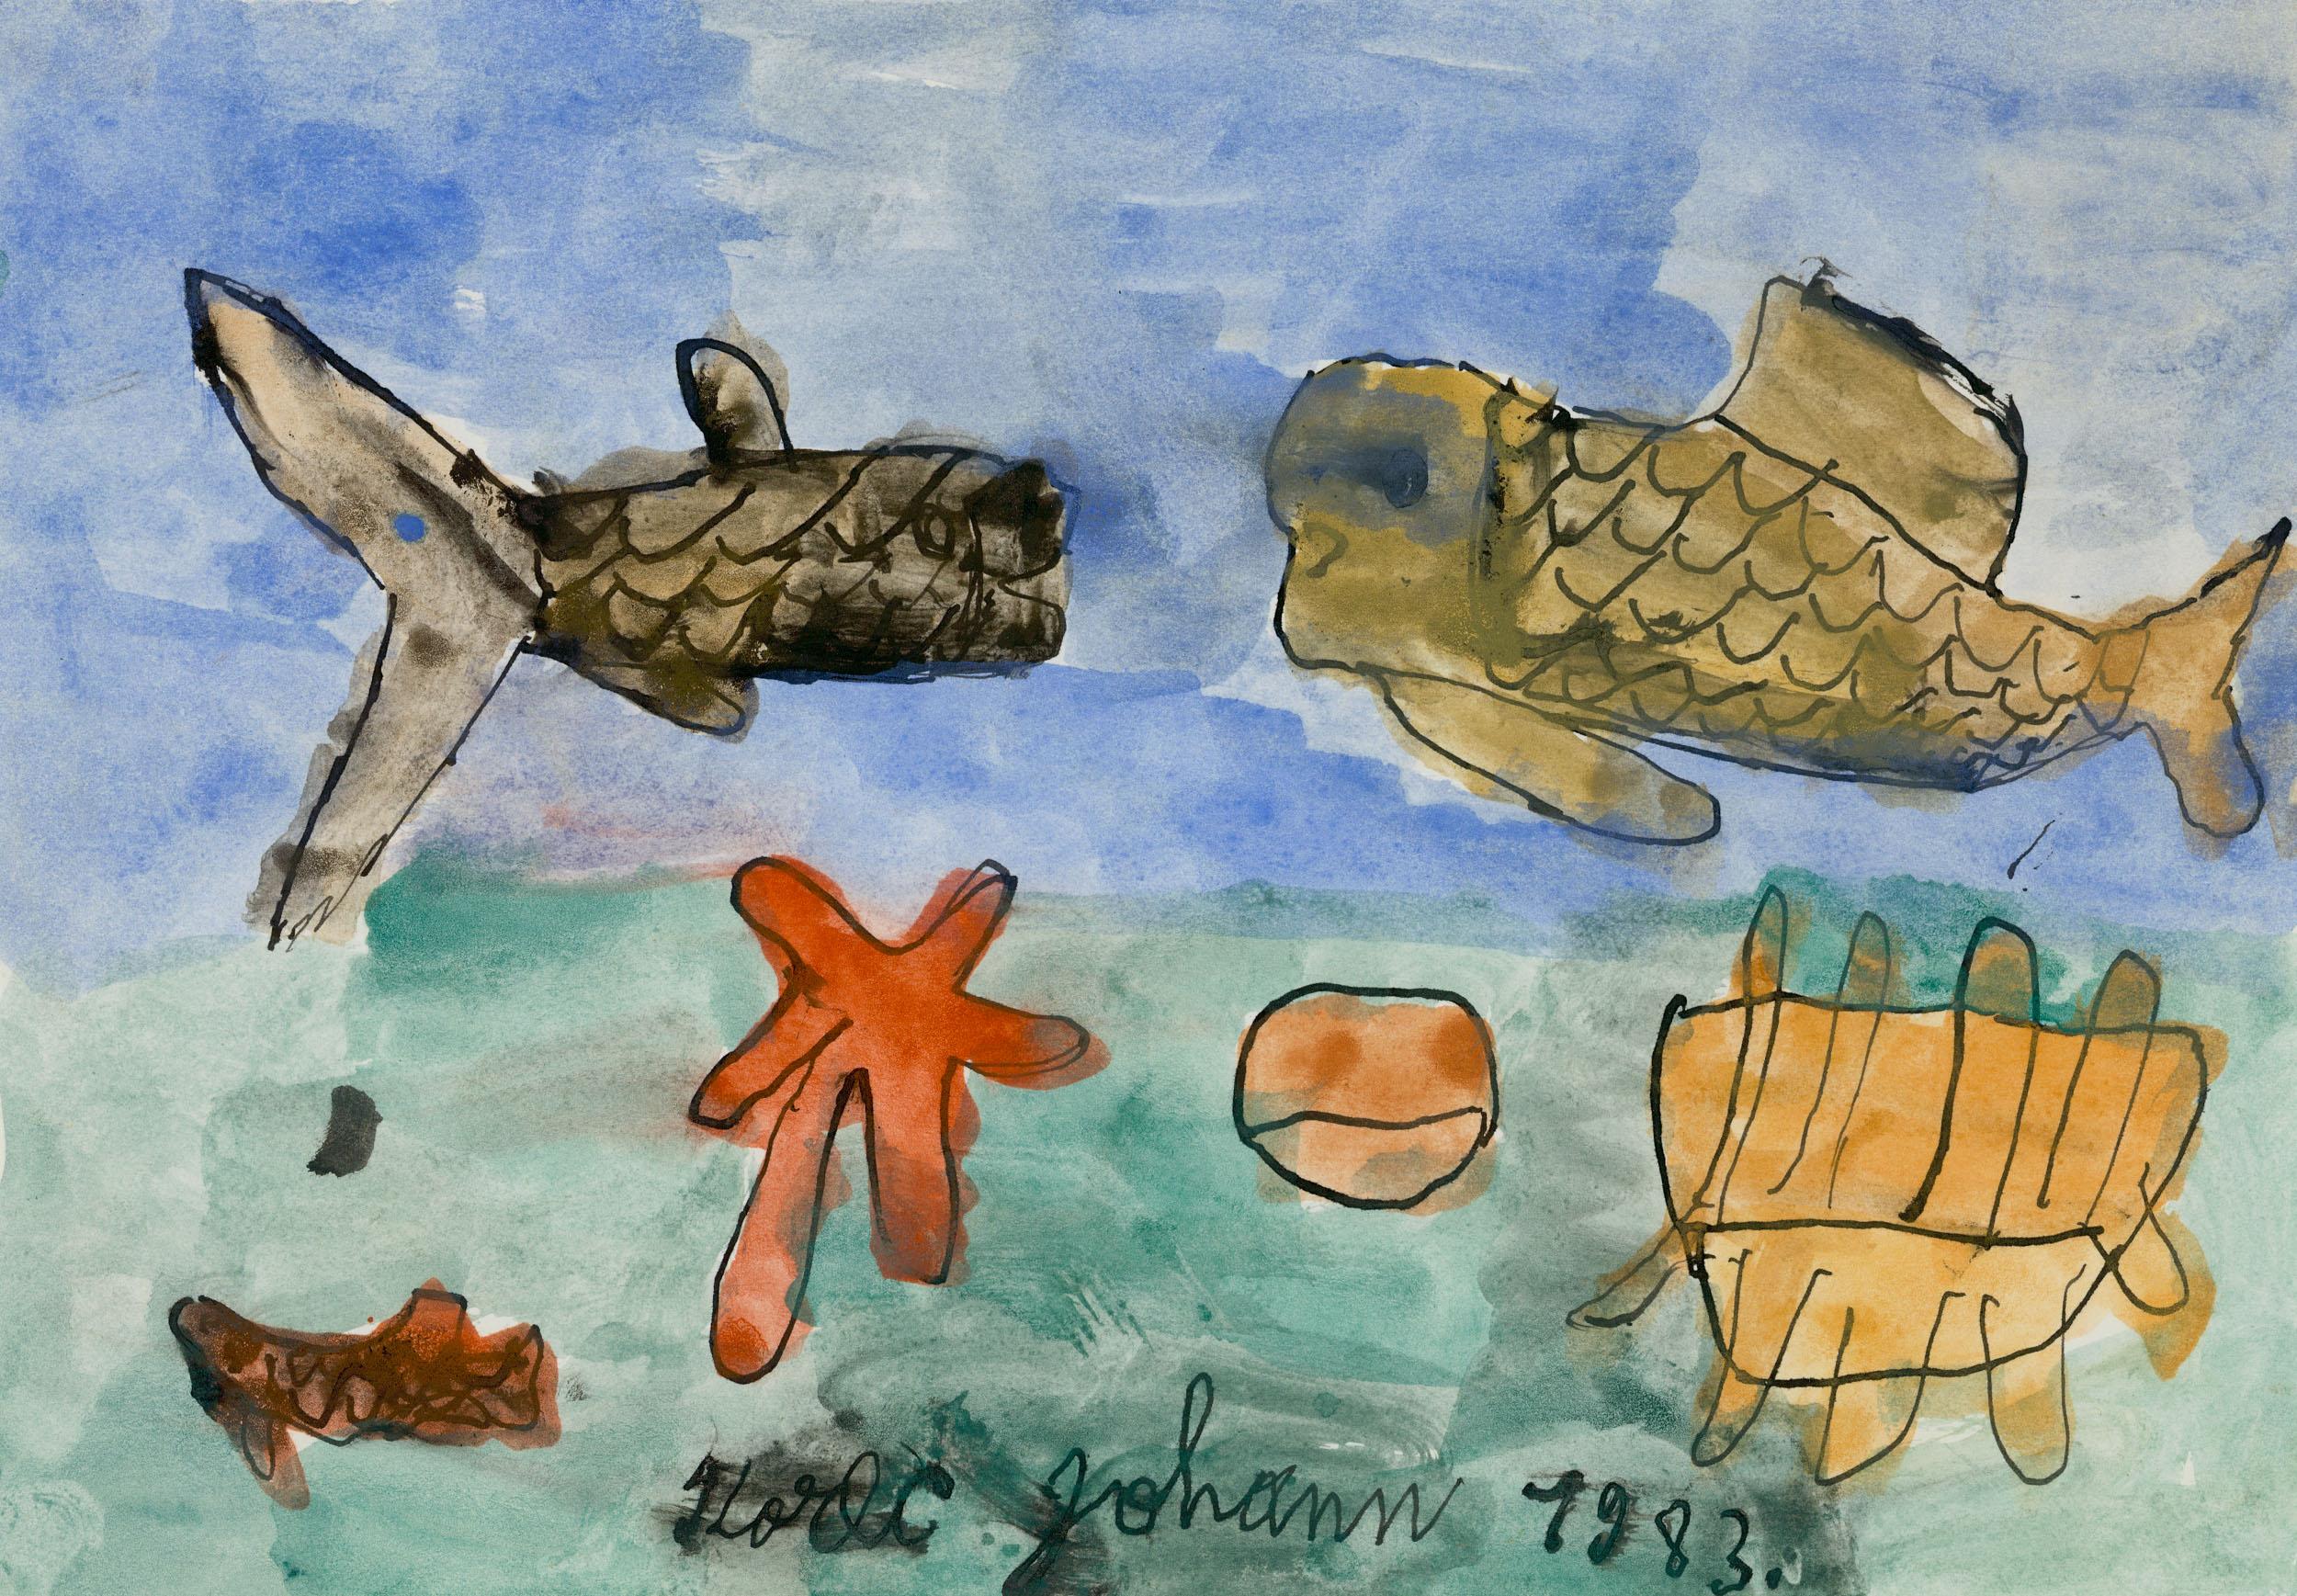 korec johann - Fische / Fish